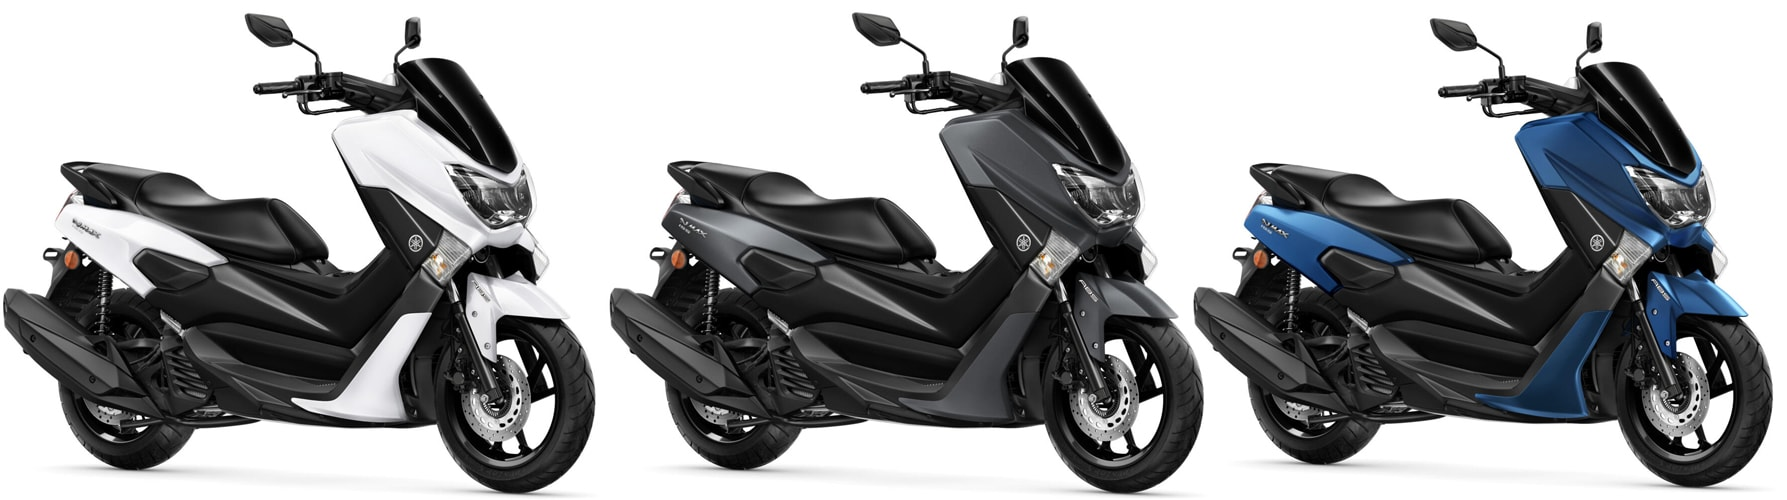 สีใหม่ Nmax 155 2020 เวอร์ชั่นยุโรป